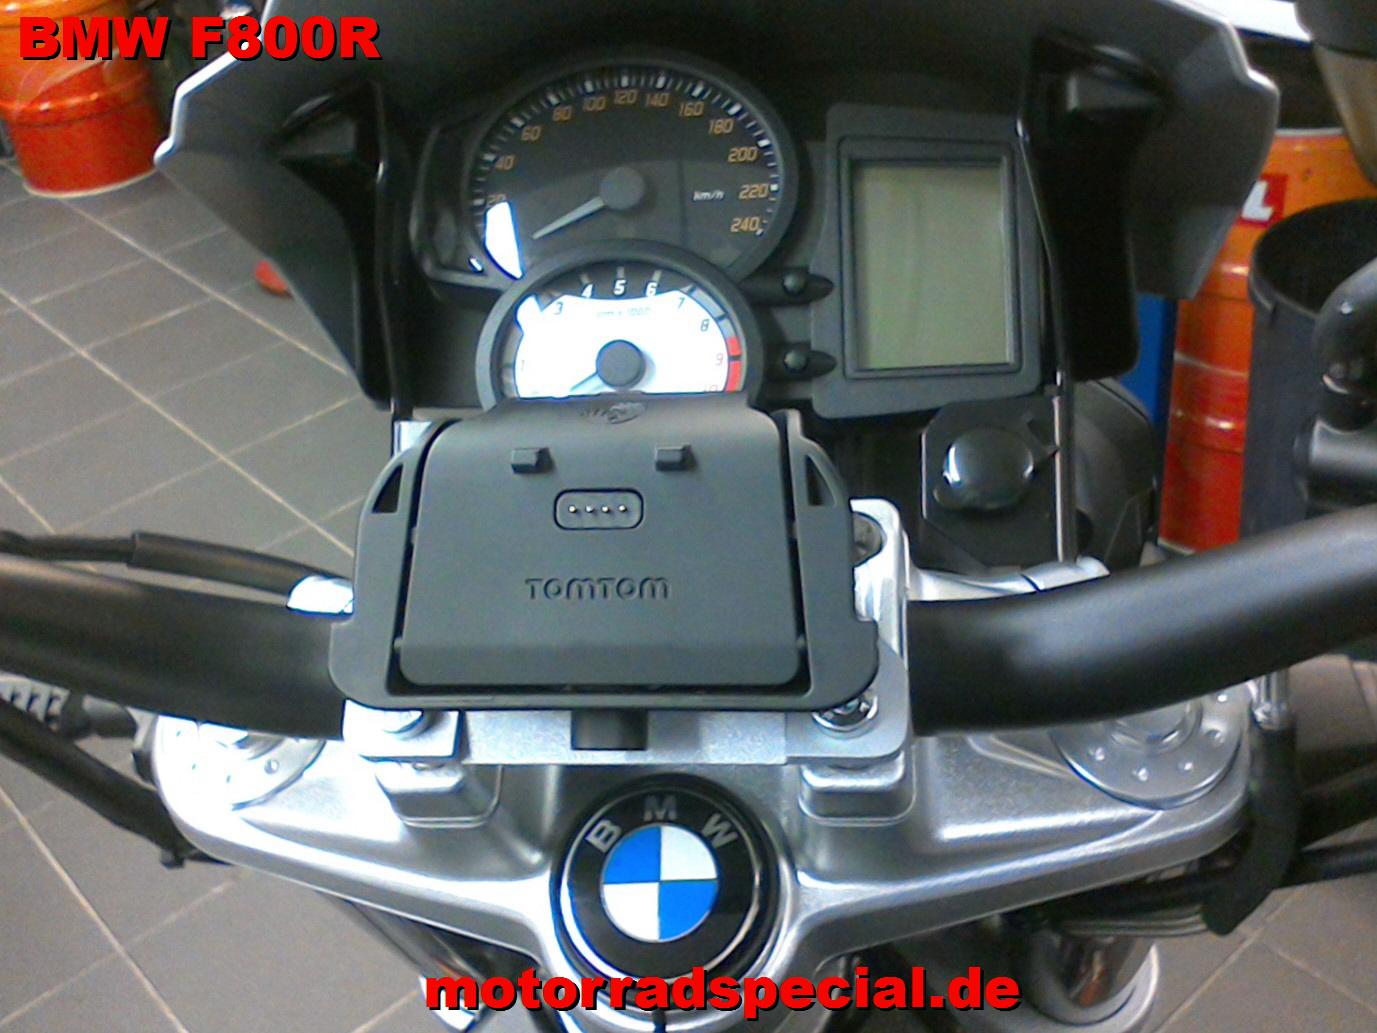 BMW_F800R_Navigationshalter_Rider2_Navihalter_Navihalterung_3